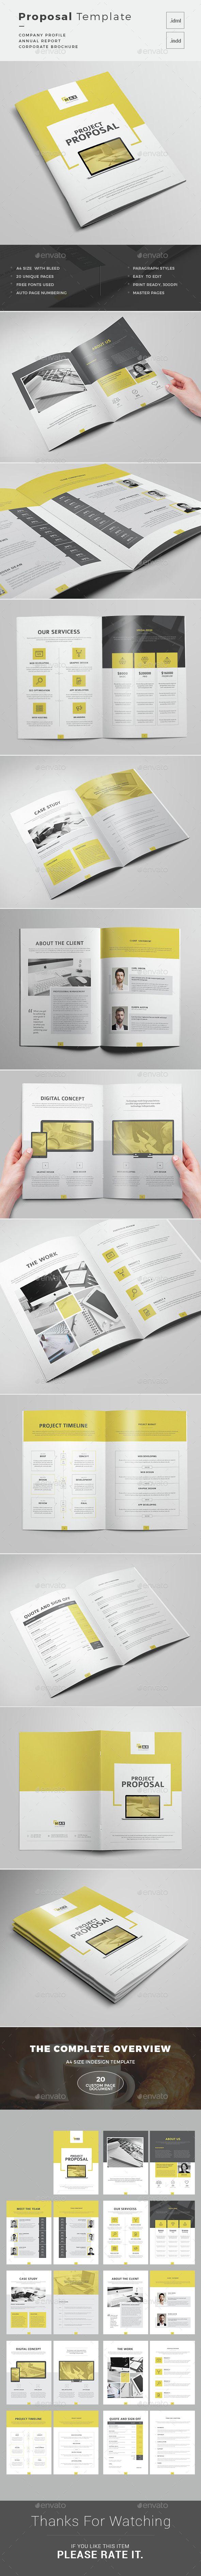 Proposal Template InDesign INDD #design Download: http://graphicriver.net/item/proposal/14542724?ref=ksioks